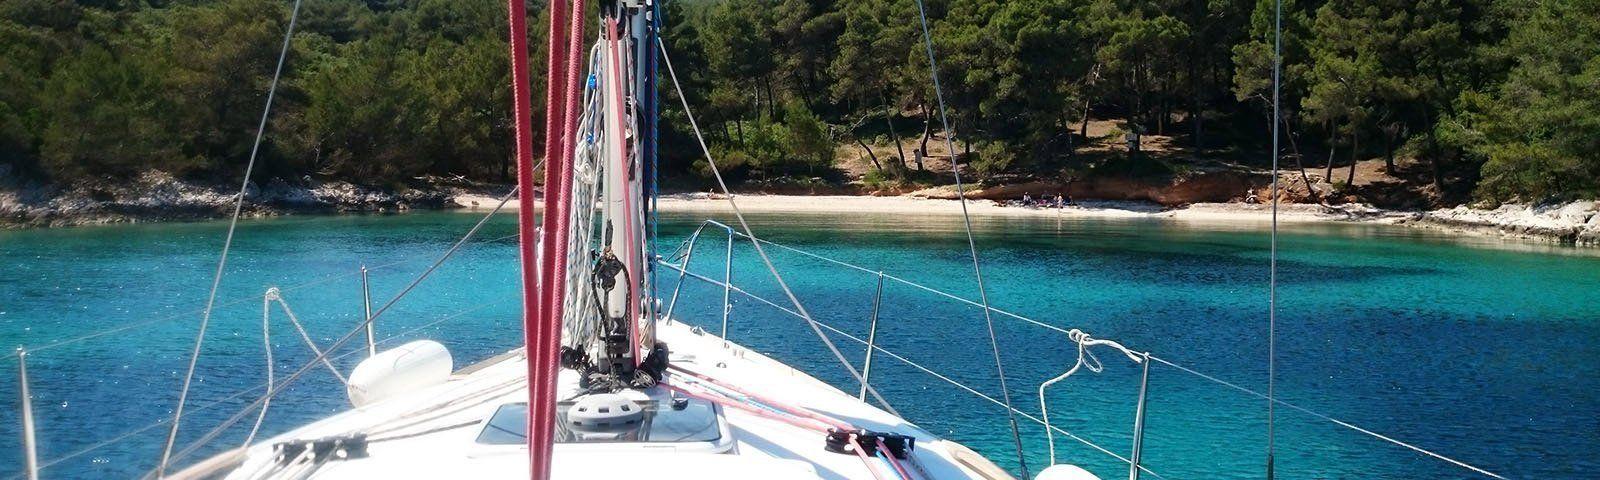 vacaciones-niños-velero-(3)